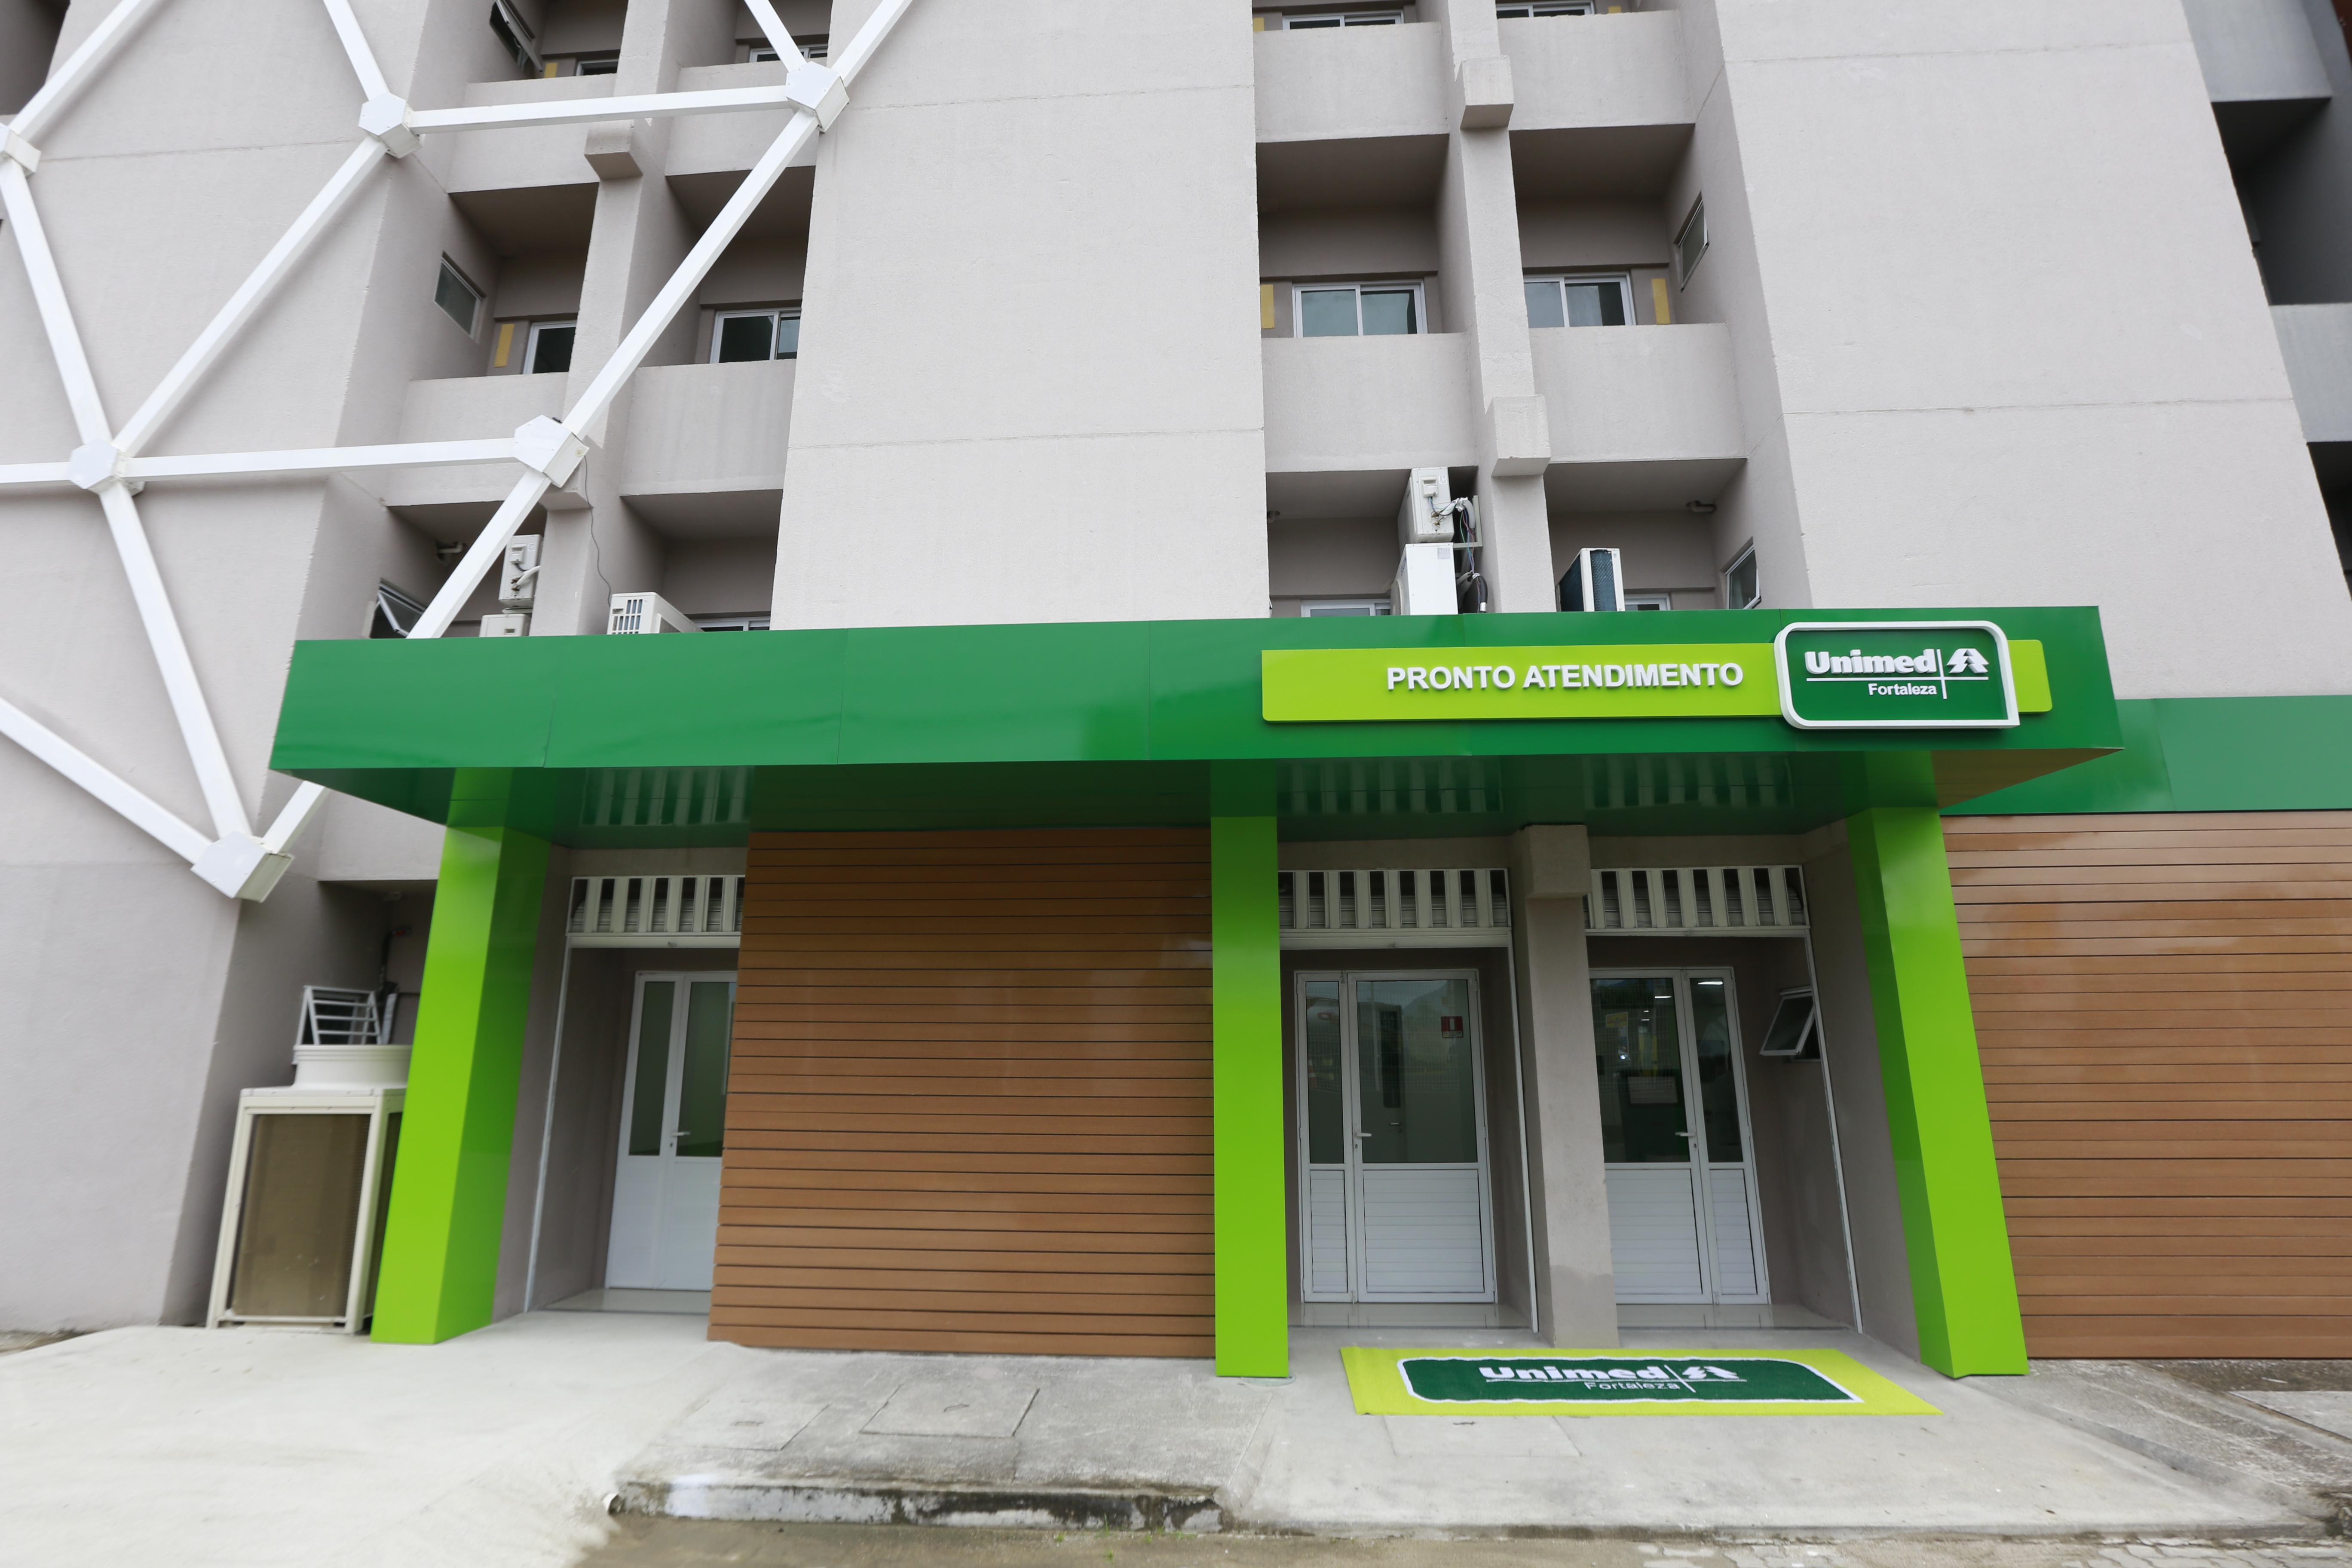 e23b43ecc A Unimed Fortaleza inaugura uma nova clínica e pronto atendimento  preparados para atender o público da região.